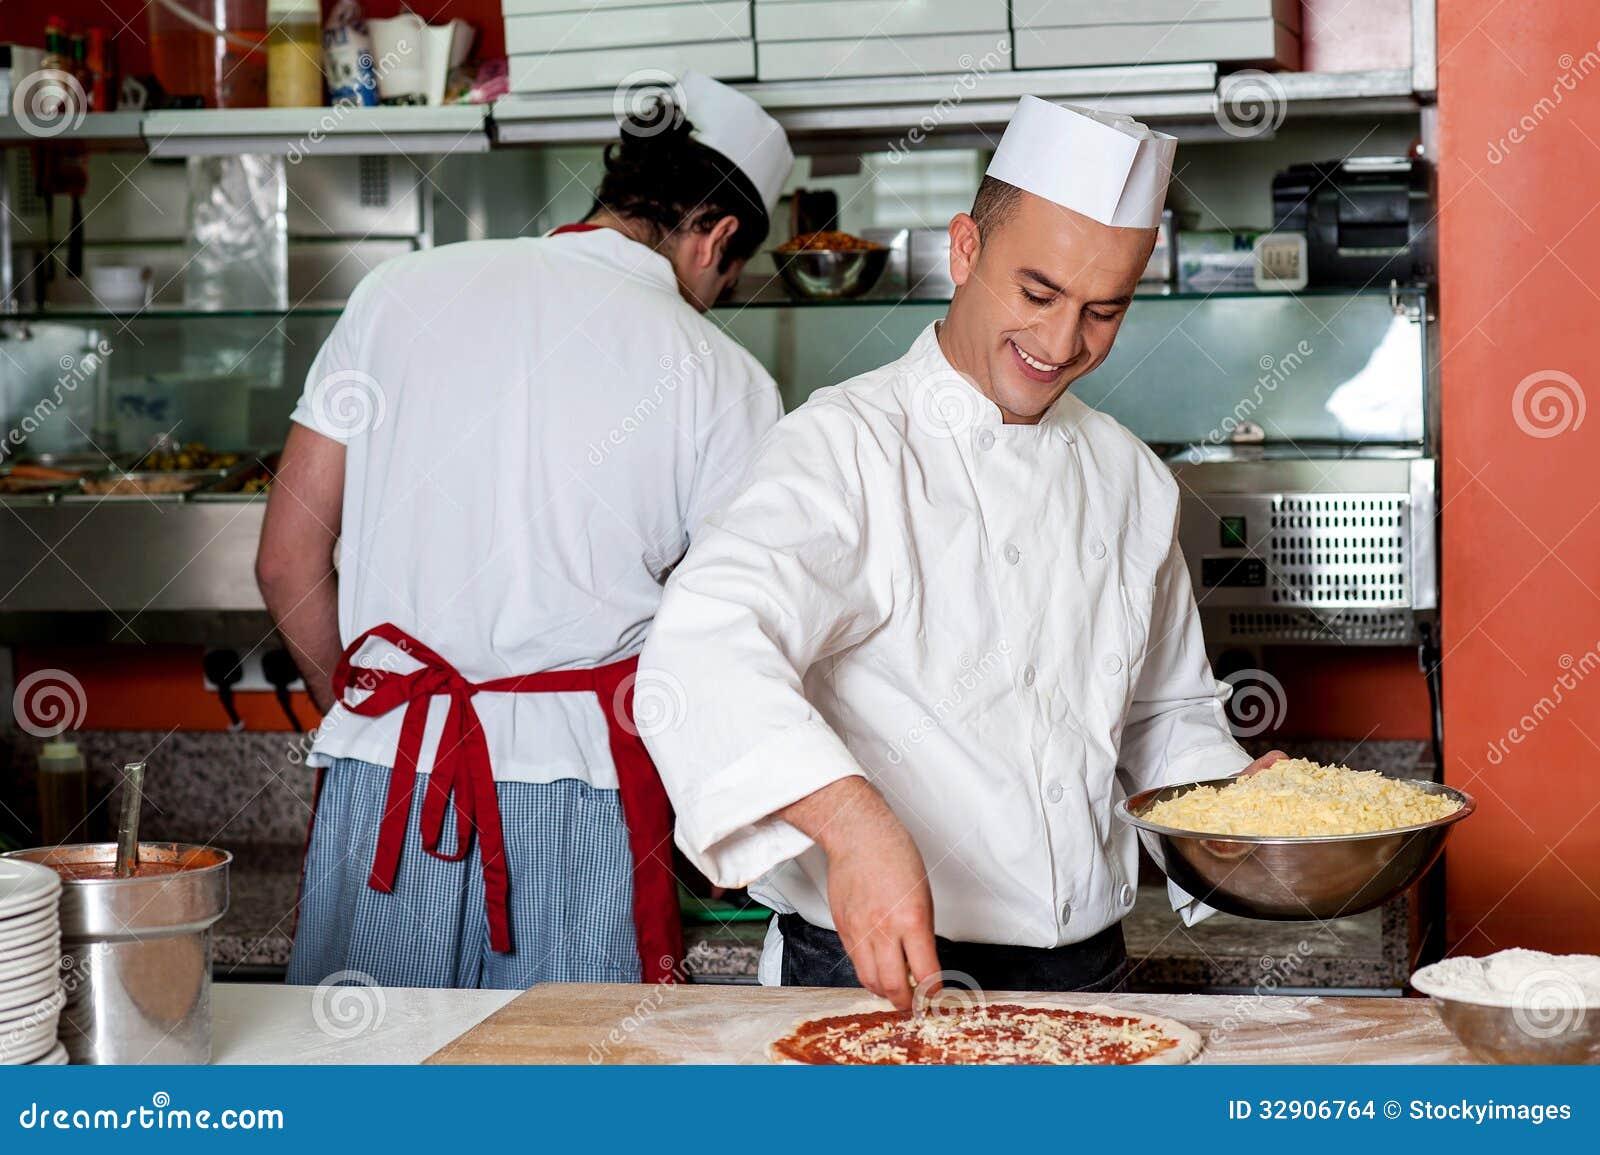 Hermoso cocineros de c cocina im genes sergio fernandez for Canal cocina sergio fernandez